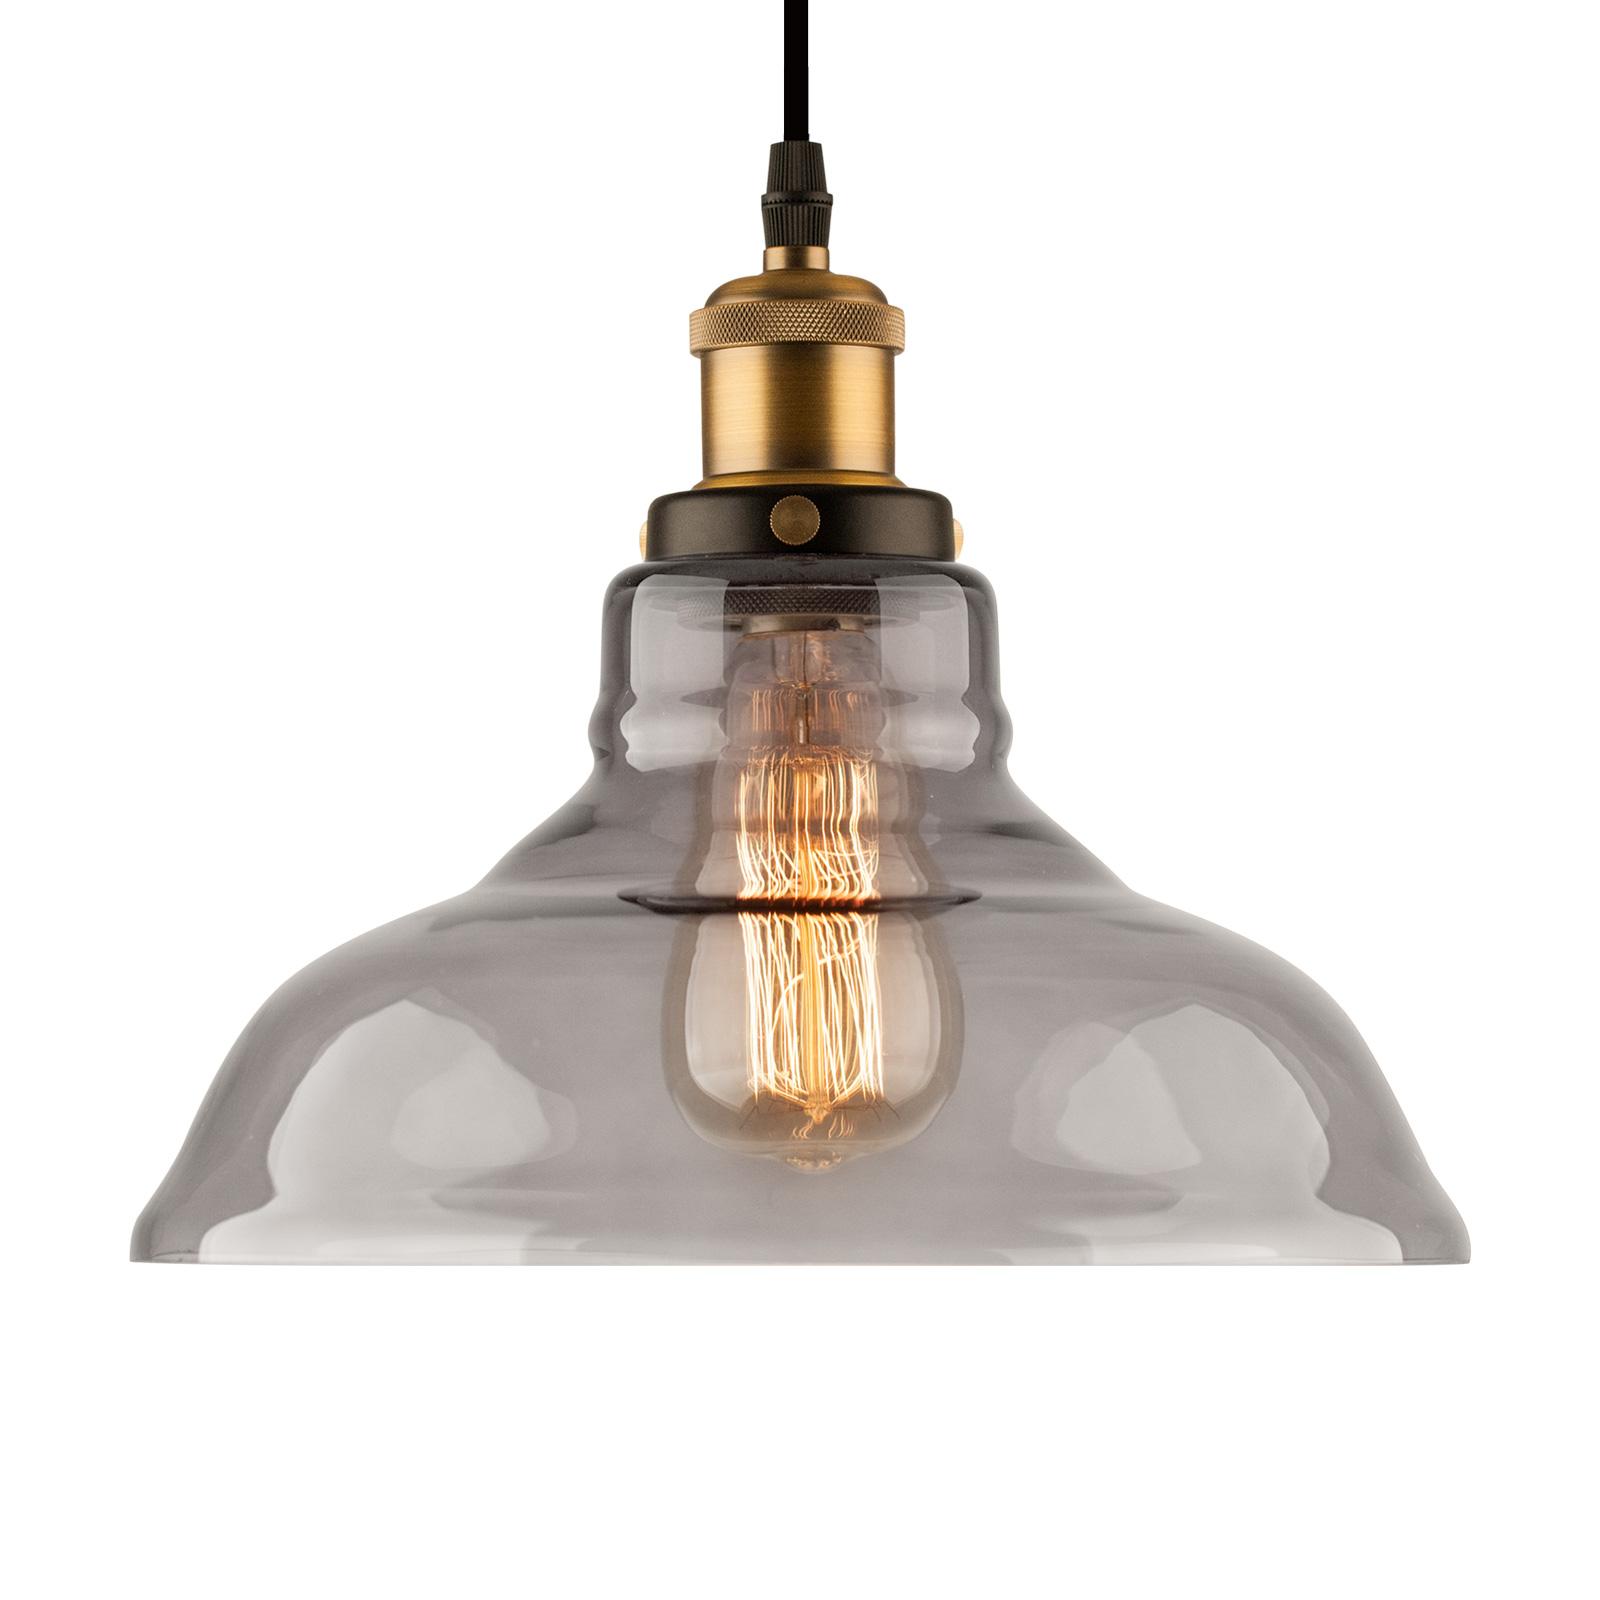 Lampa wisząca LA040 E27 Ø 28 cm mosiądz/szary dym